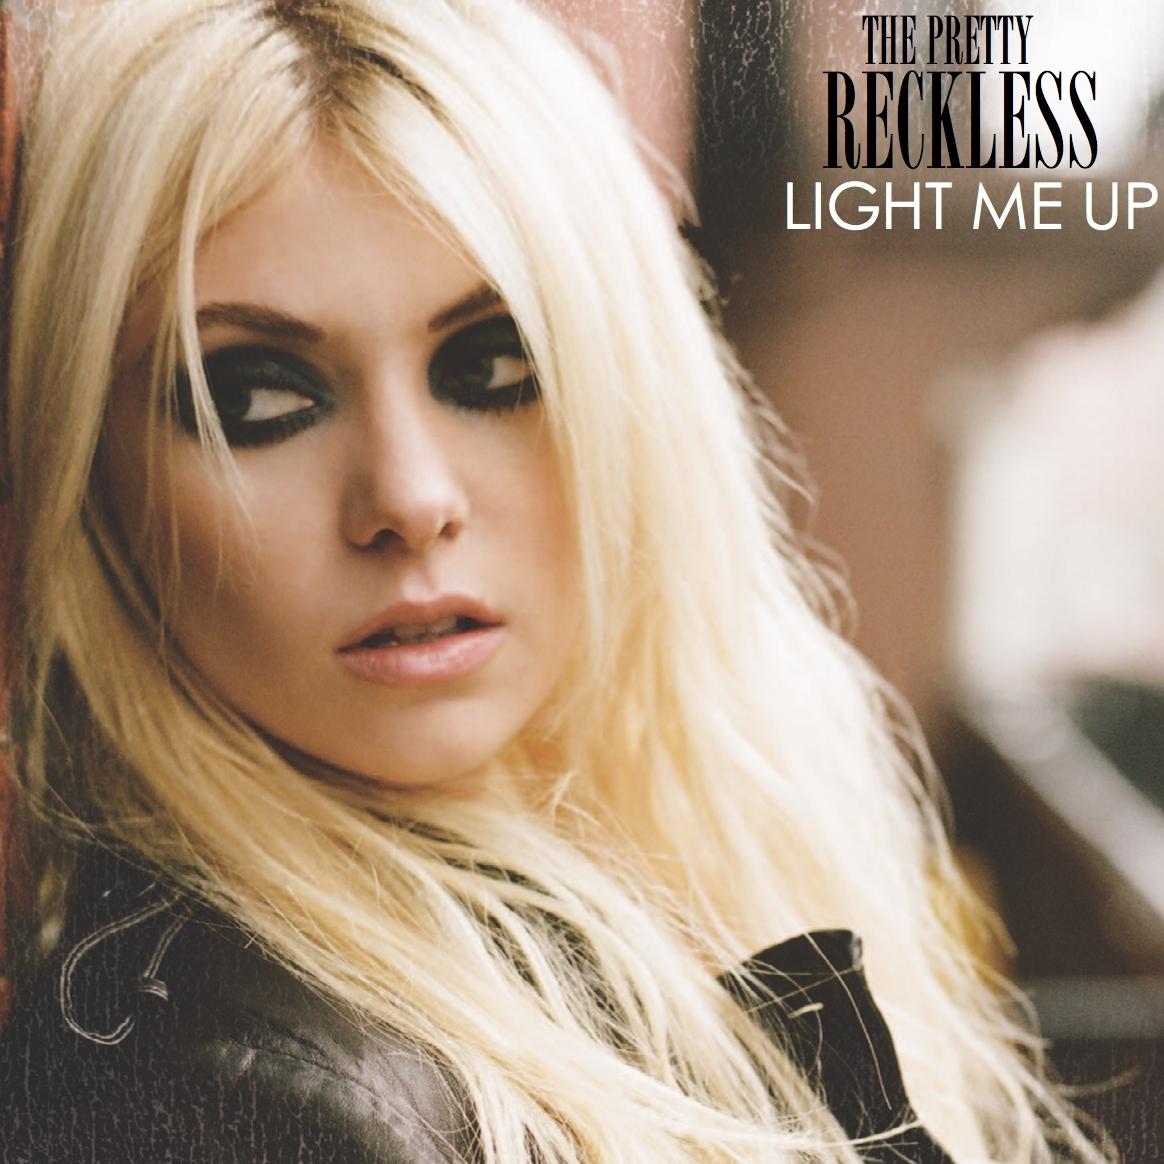 Light Me Up [FanMade Album Cover]